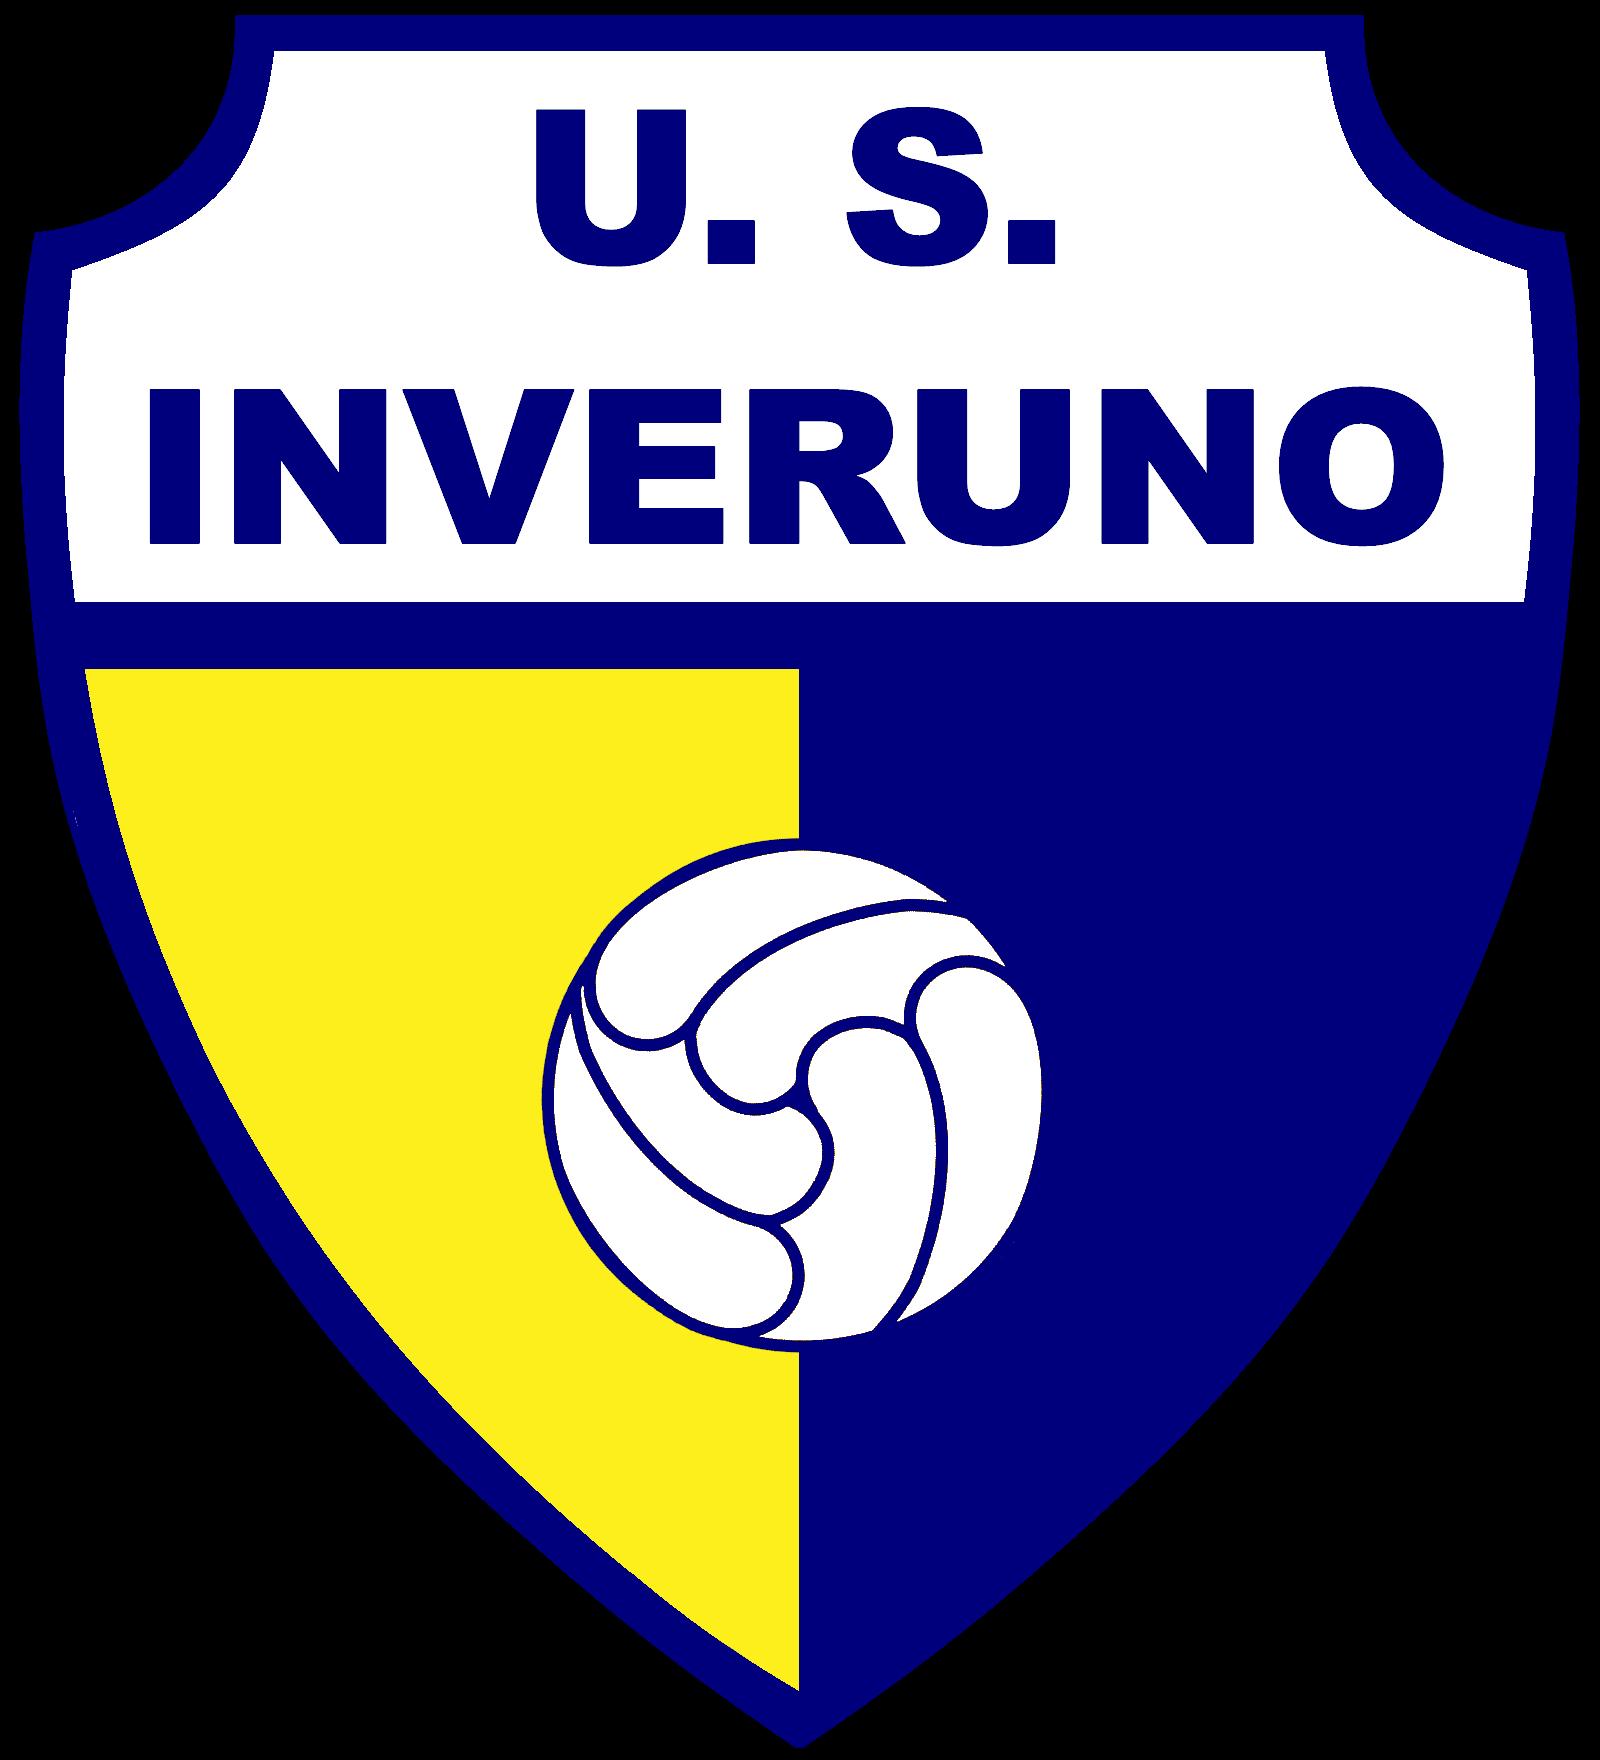 Inveruno scheda squadra italia serie d girone a for Tuttocampo serie d